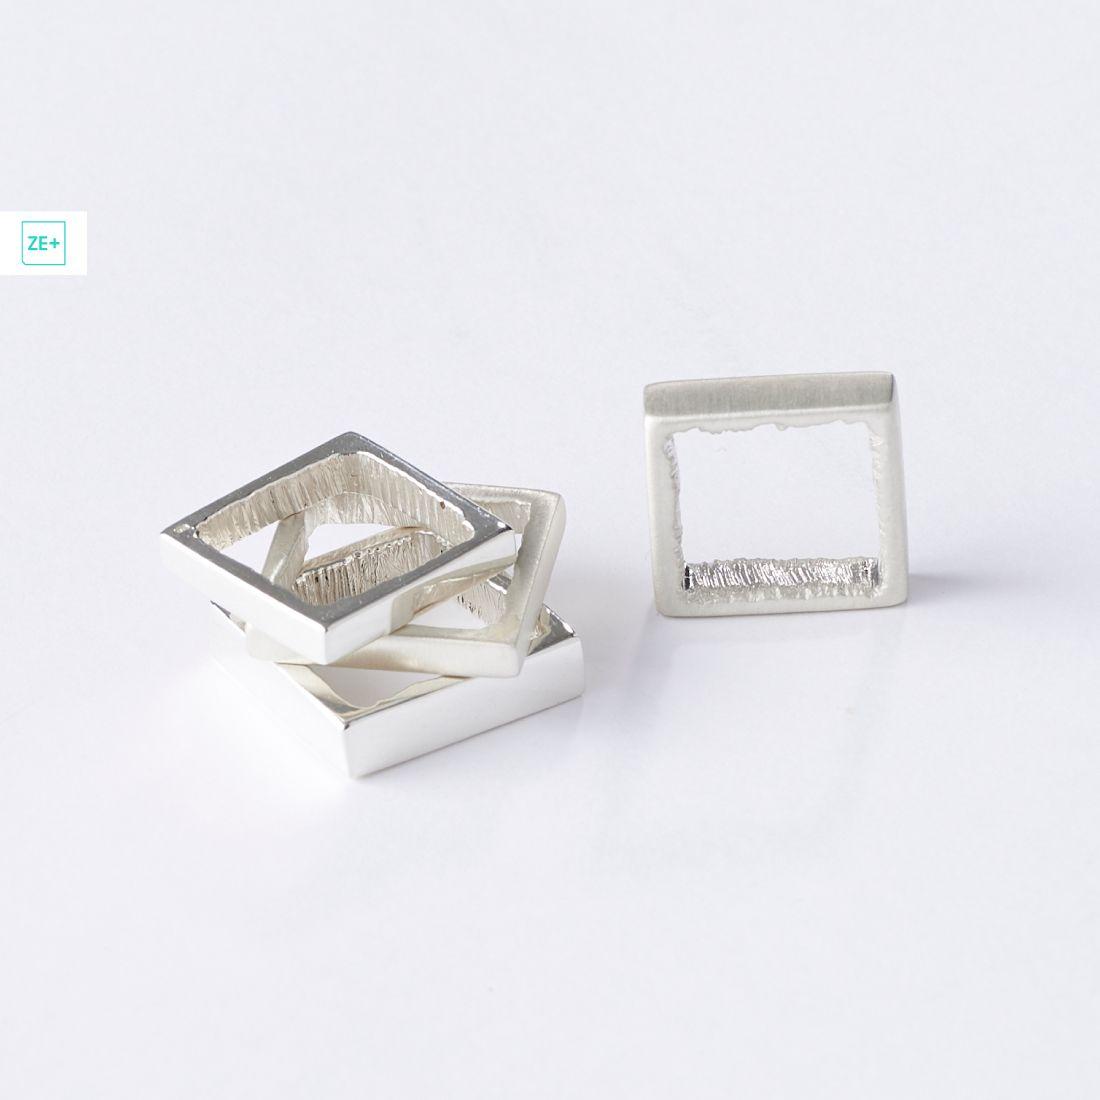 Origo négyzet gyűrű, széles